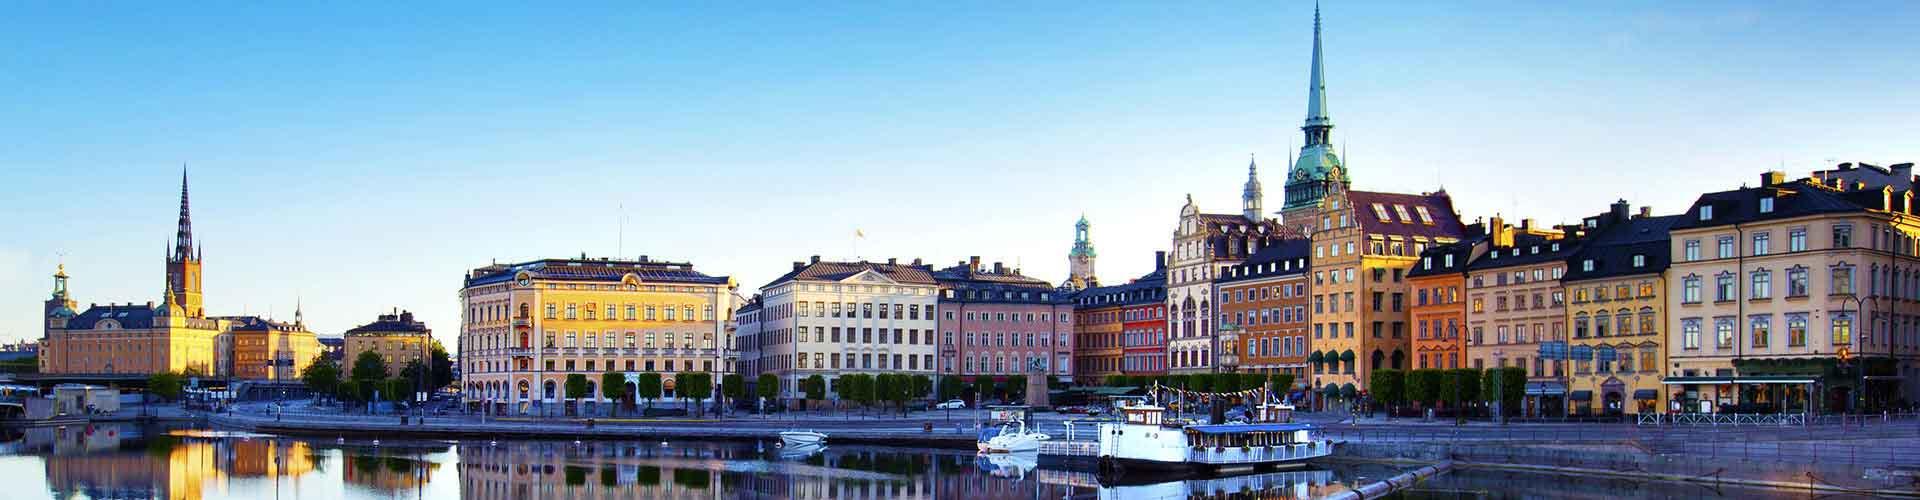 Estocolmo – Hotéis próximos de Stockholm-Arlanda Aeroporto. Mapas para Estocolmo, Fotos e Avaliações para cada Hotel em Estocolmo.